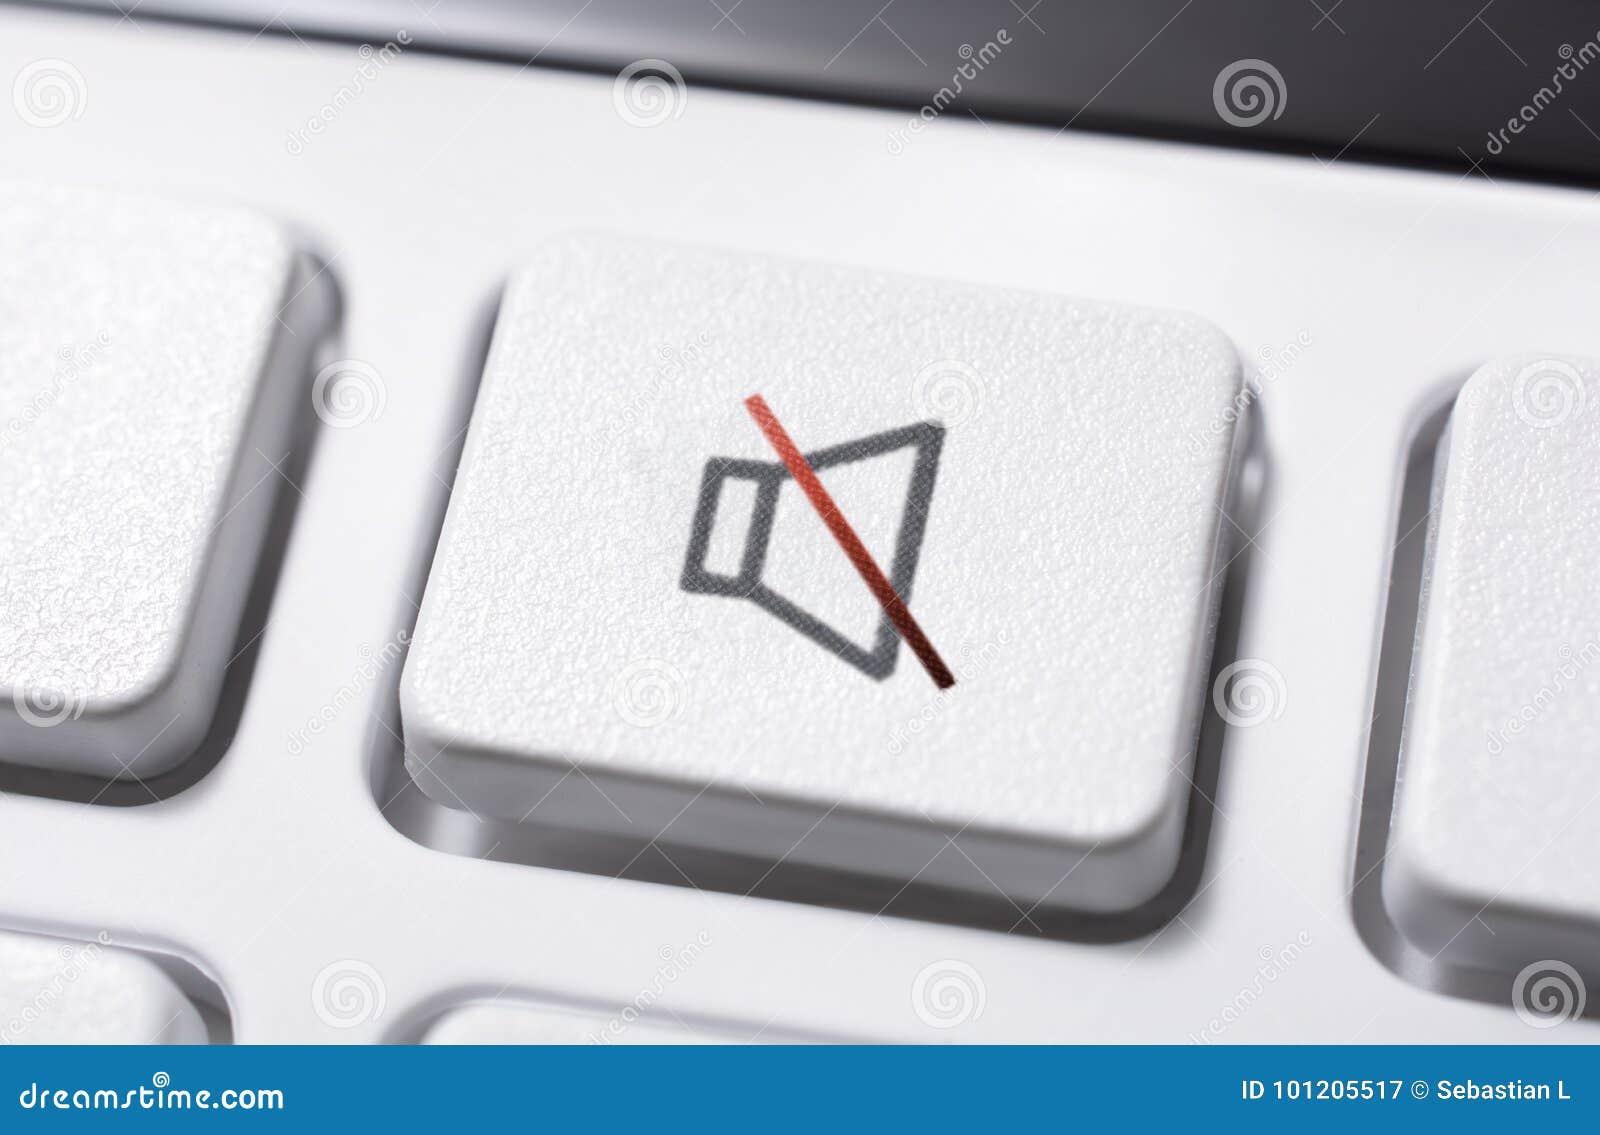 Macro de um botão branco do mudo do volume de um controlo a distância branco para um sistema de áudio estereofônico de alta fidel